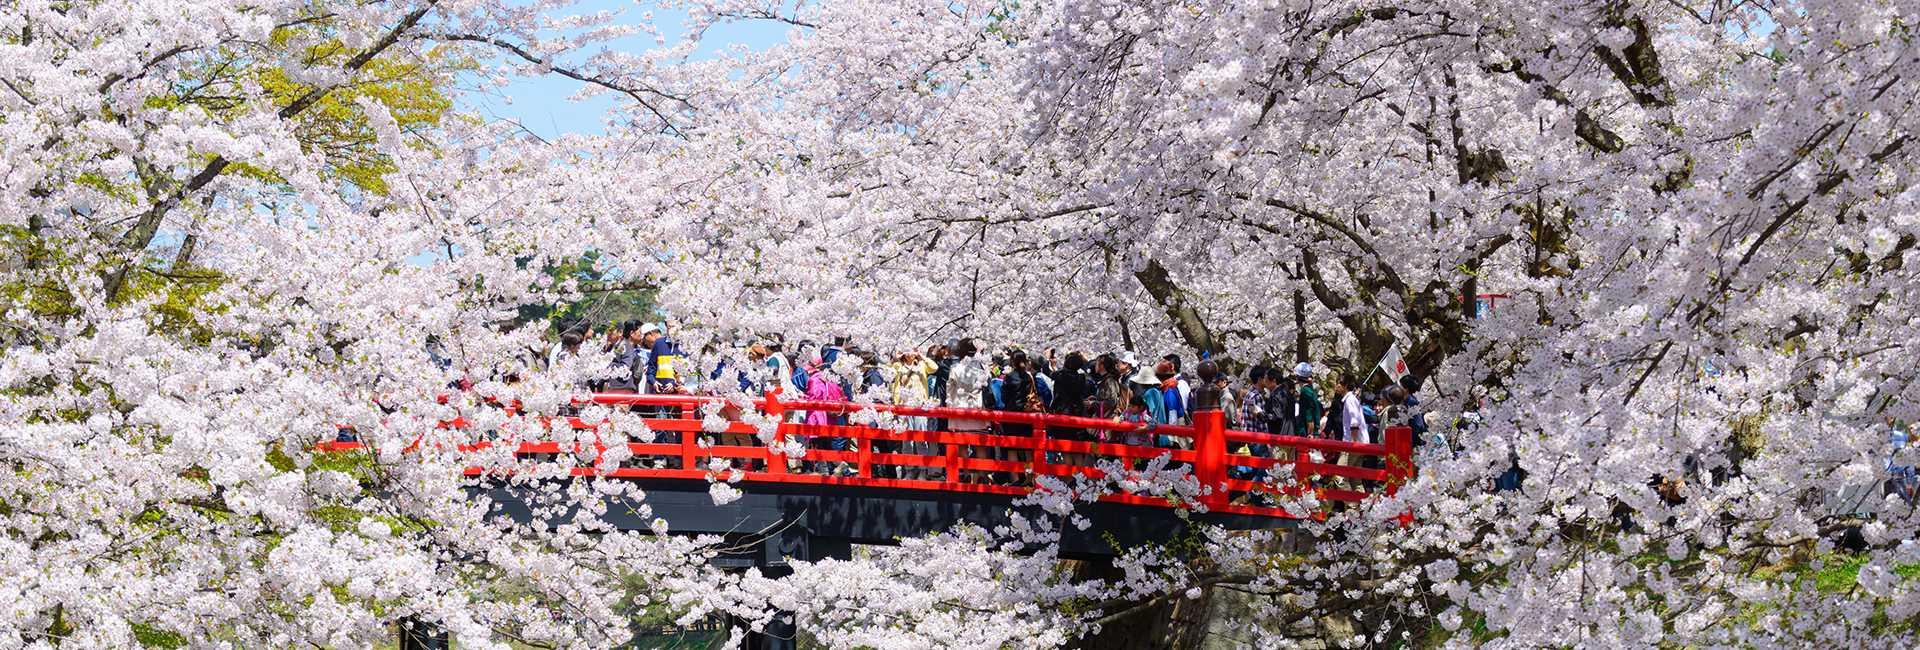 cerisiers en fleurs à Hirosaki